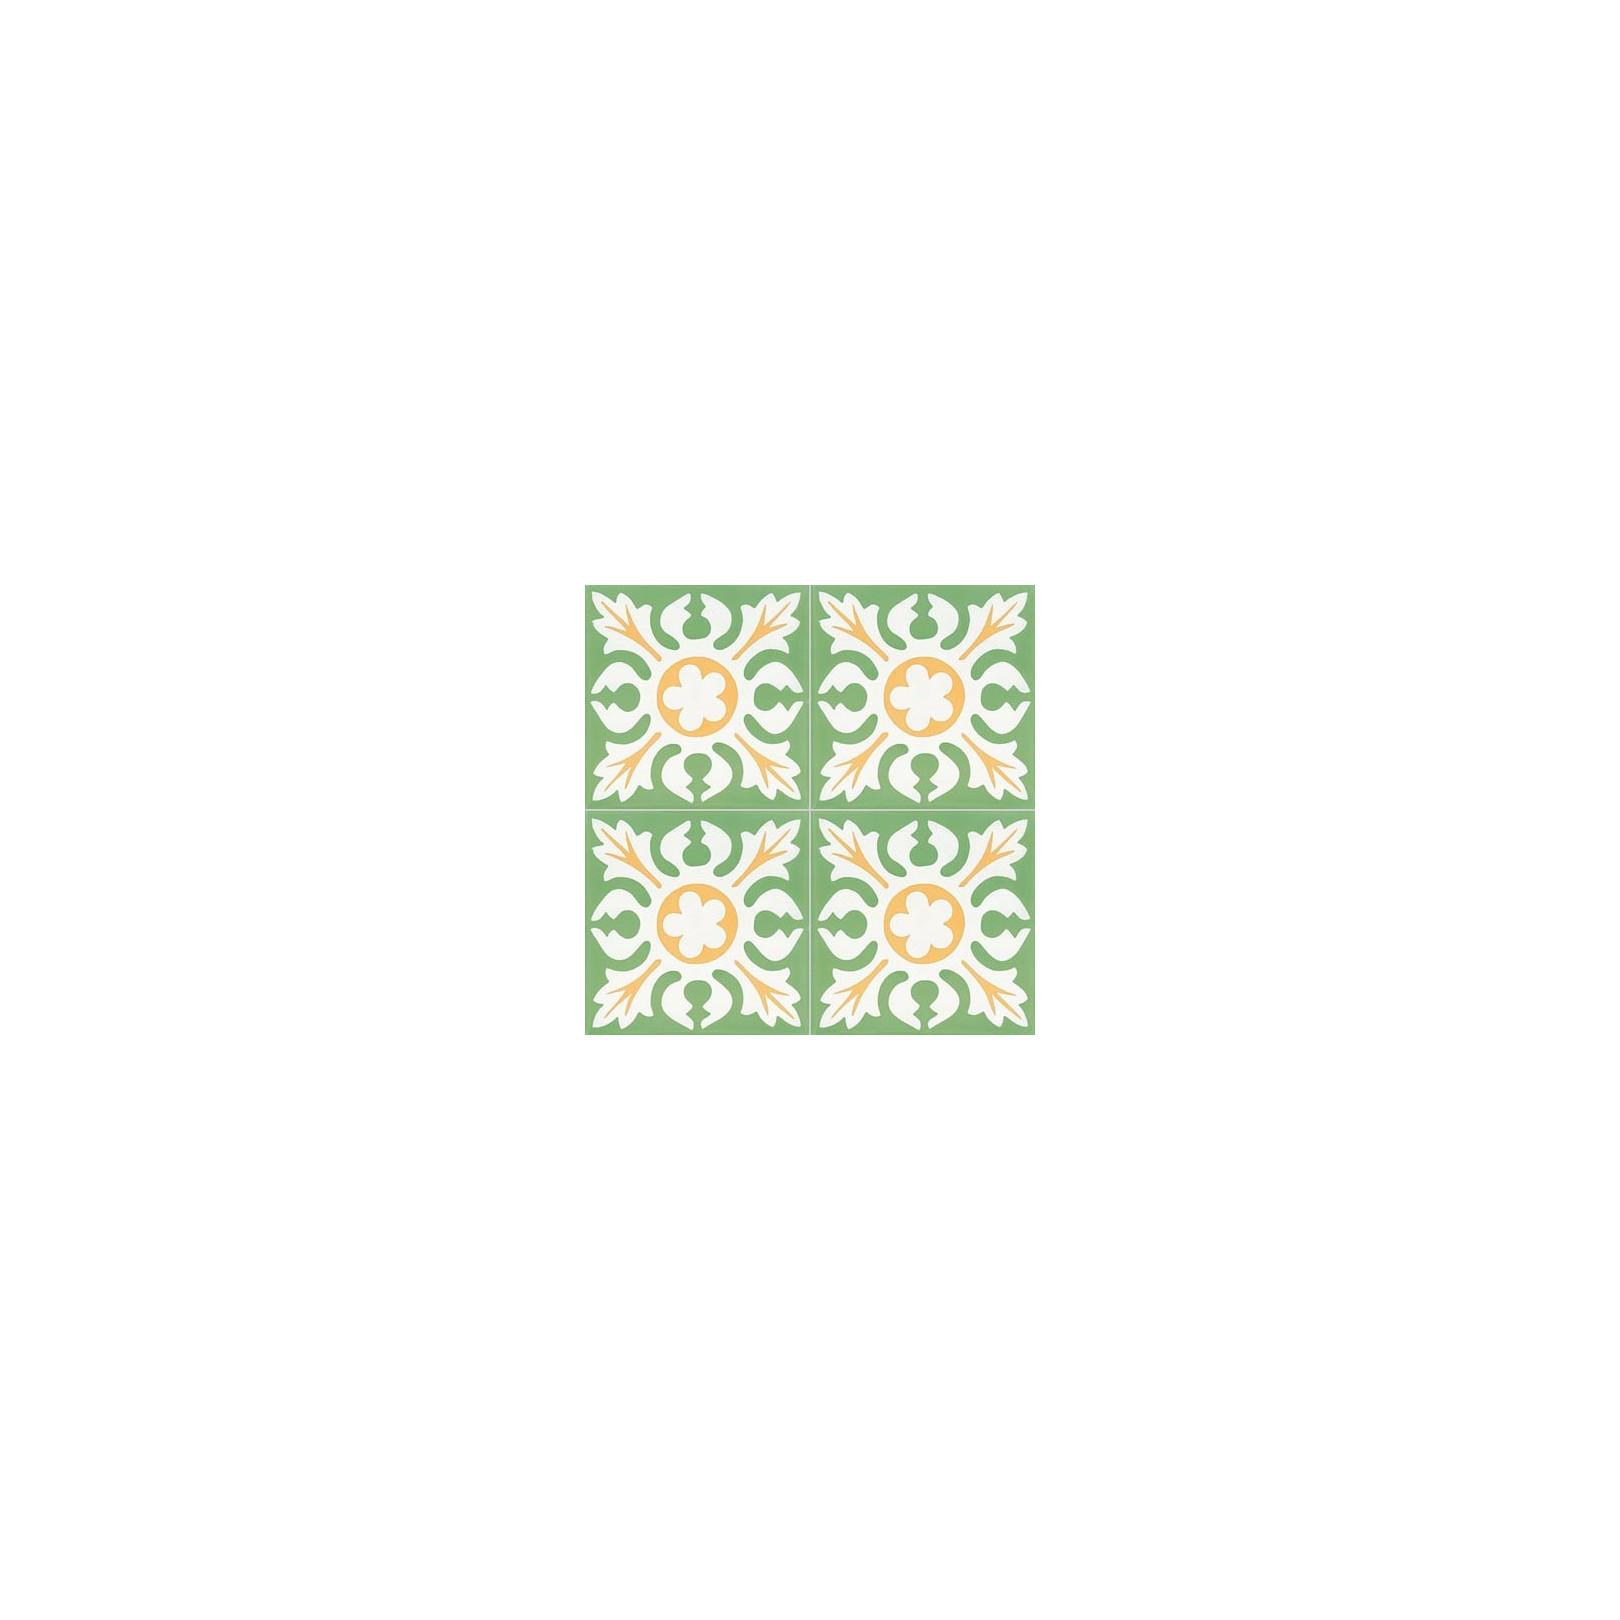 4 Carreaux de ciment coloré motif vert, blanc et jaune T03 10.17.18